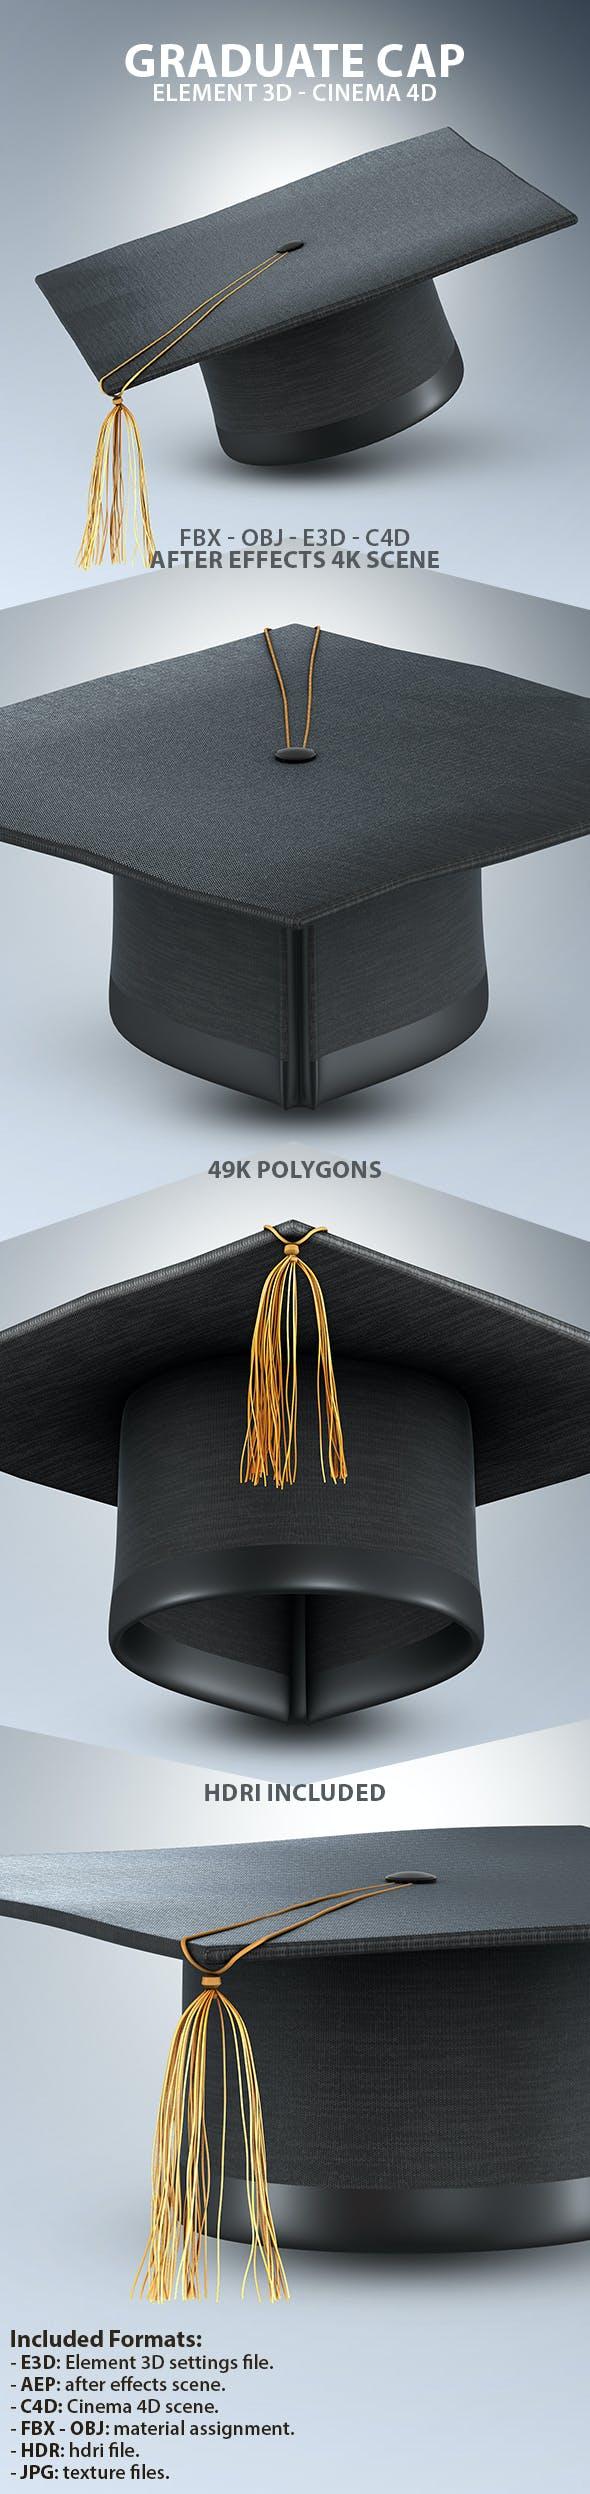 Graduate Cap 3D Model for Element 3D & Cinema 4D - 3DOcean Item for Sale